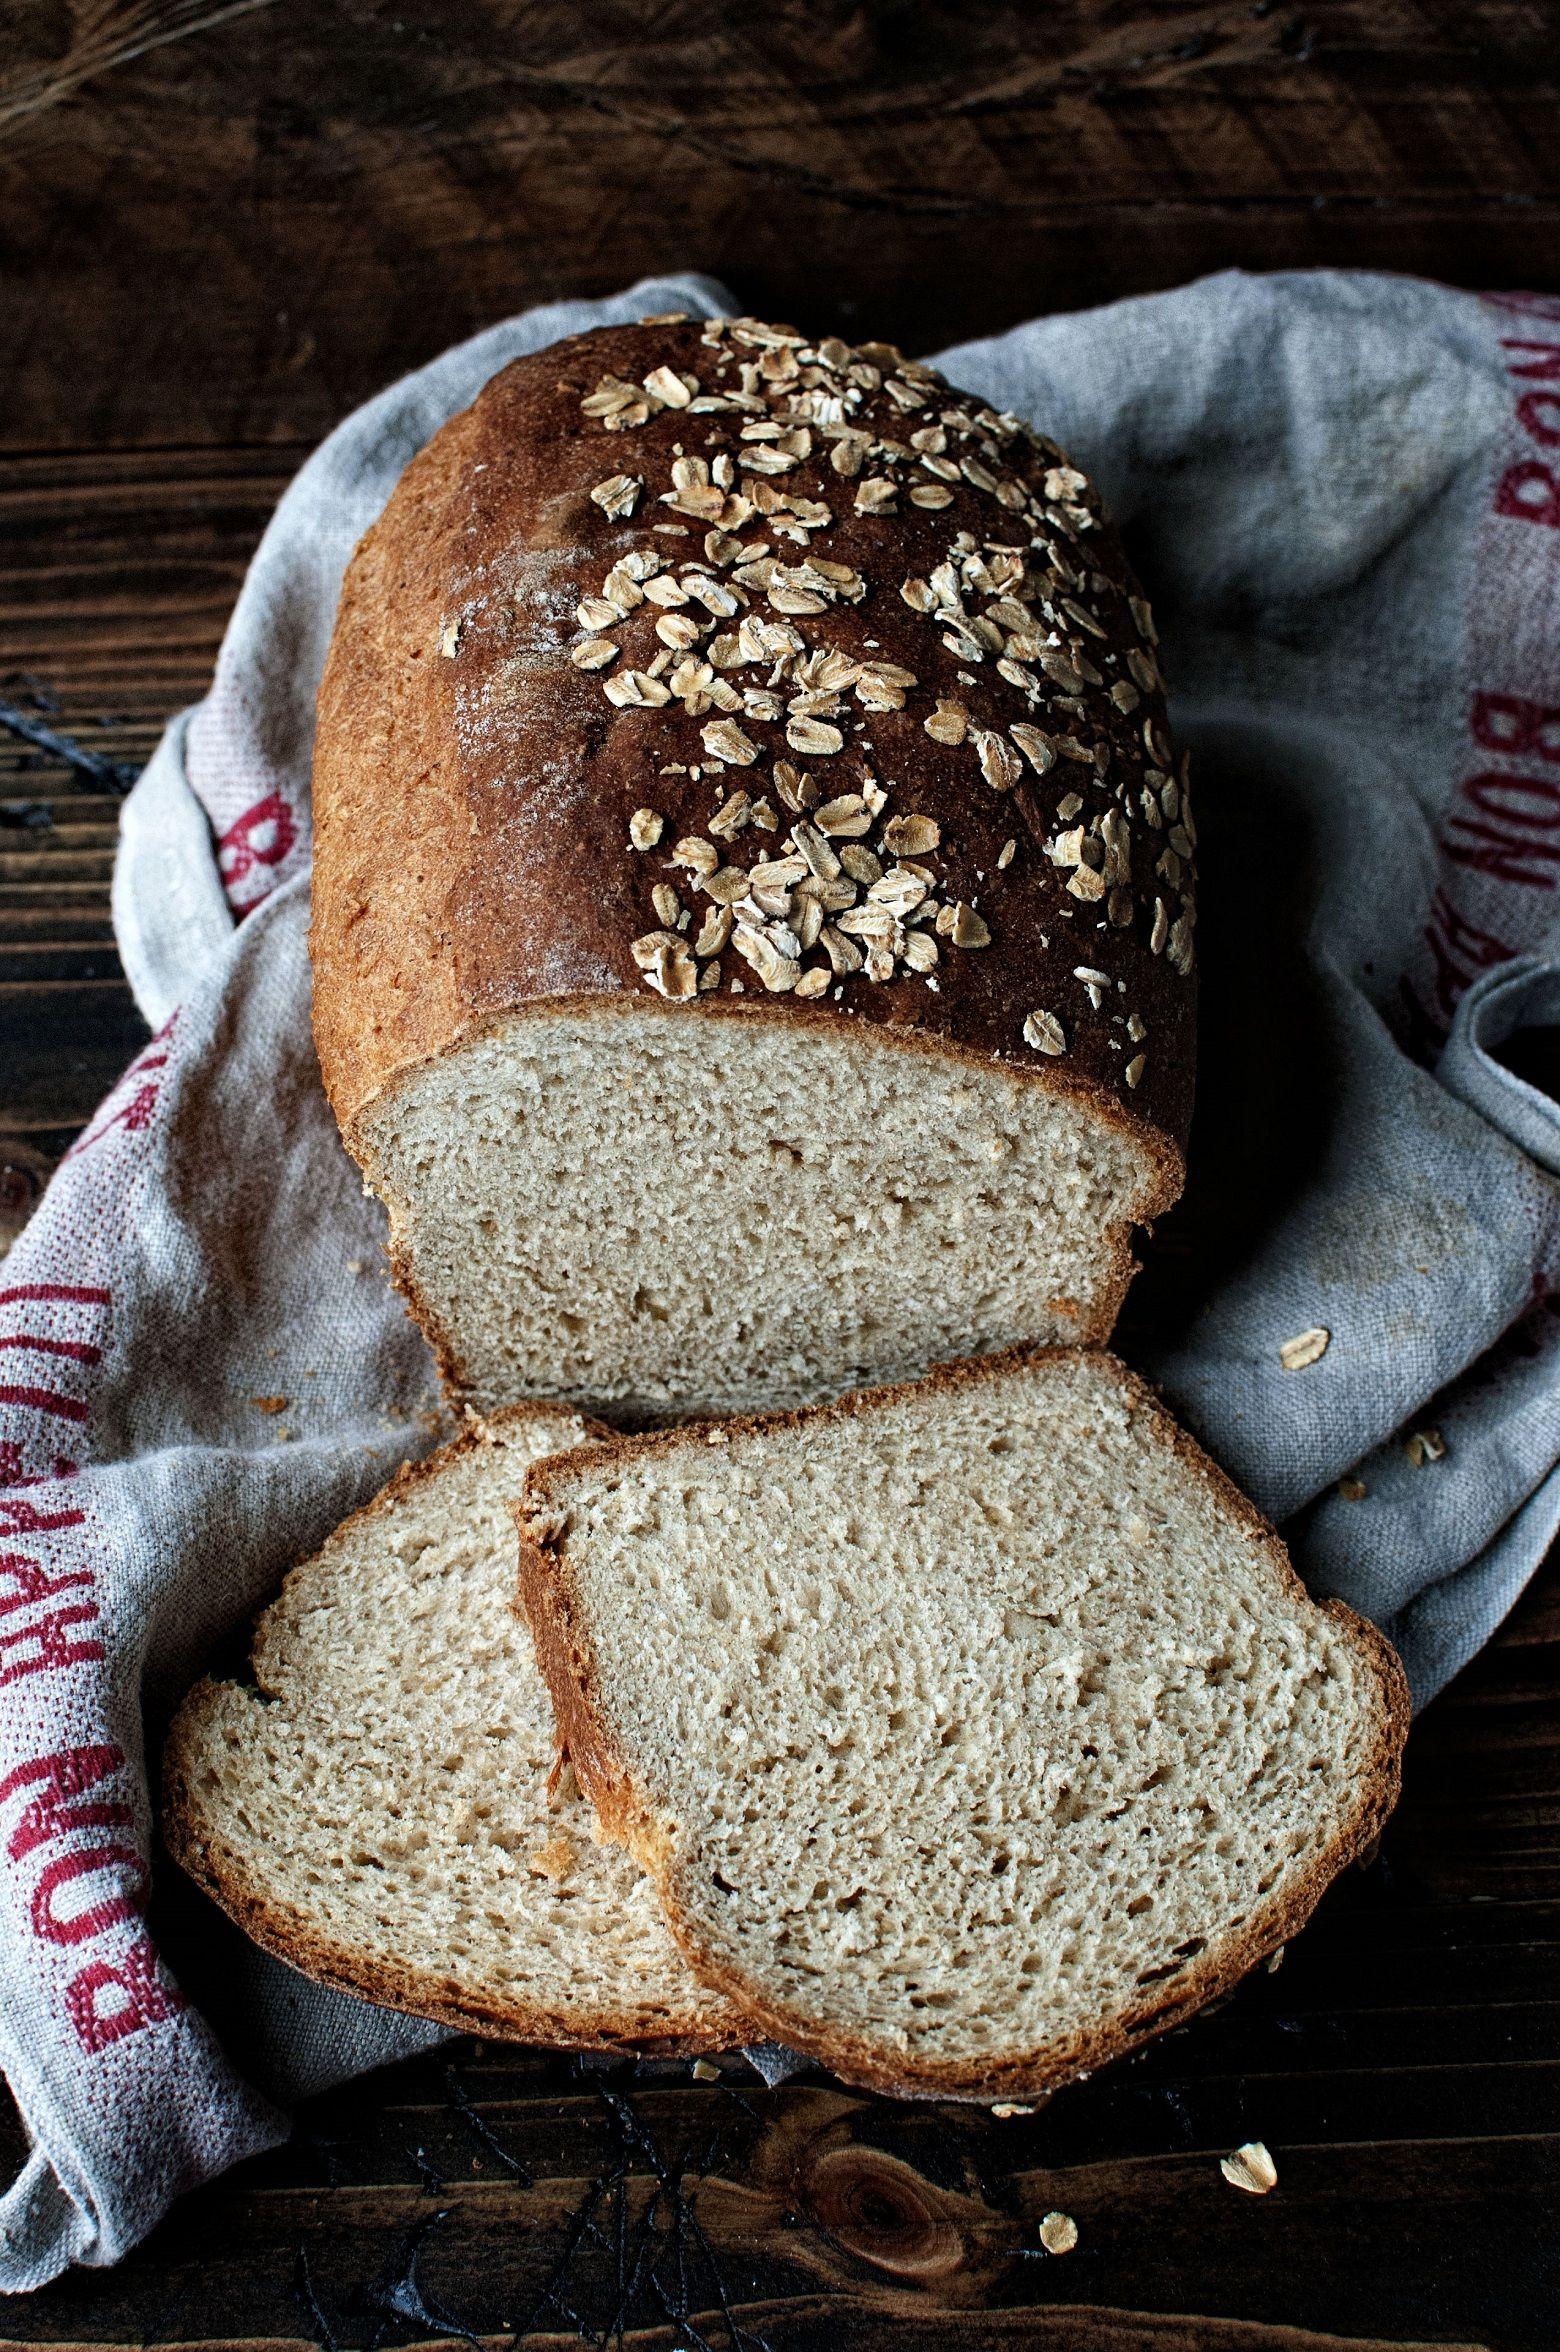 Oatmeal Buttermilk Maple Sandwich Bread From Peabody Rudd Sandwich Bread Just Bake Oatmeal Bread